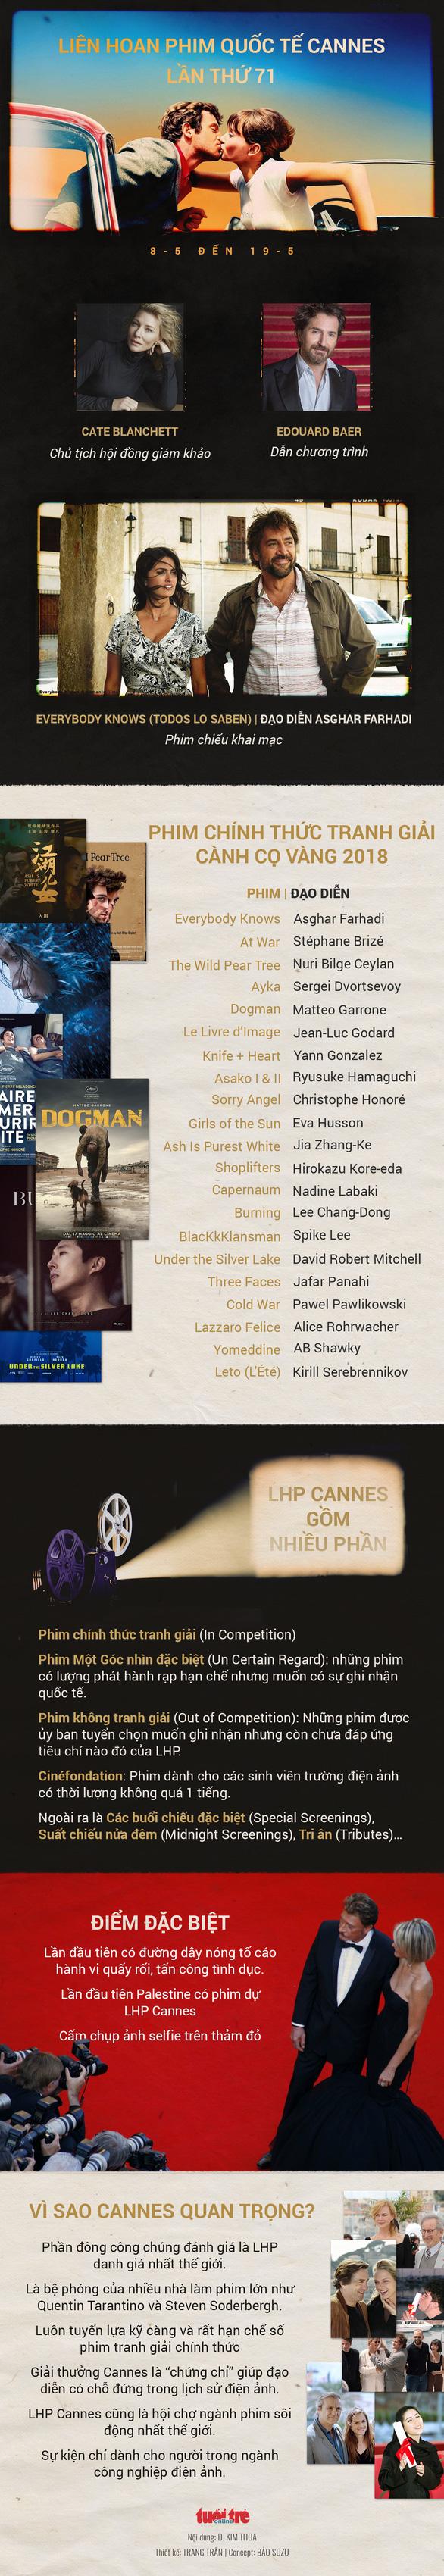 Cannes 2018: Phim Lý Nhã Kỳ góp vốn không đoạt giải nào - Ảnh 11.